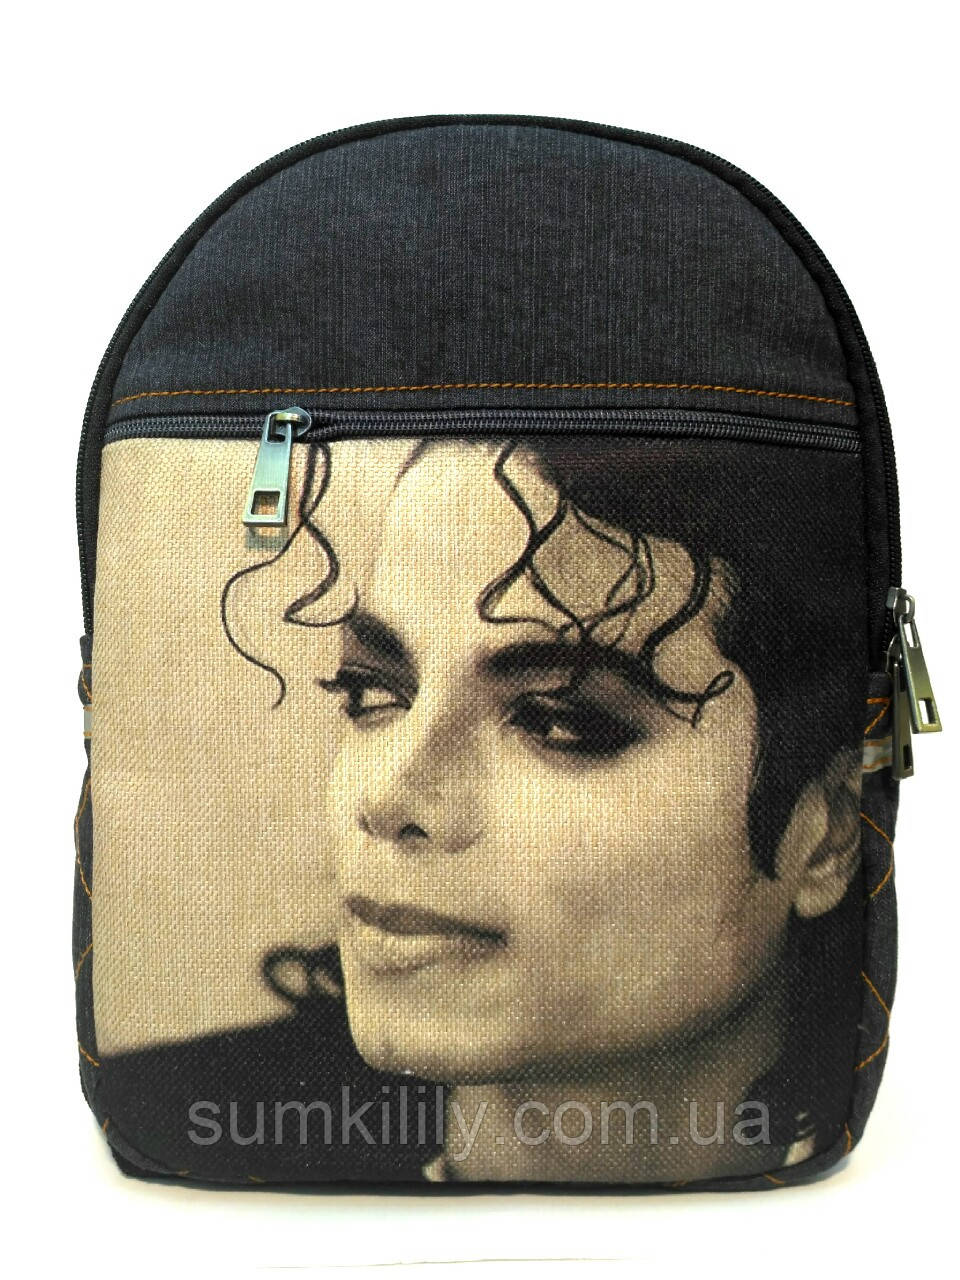 Джинсовый Рюкзак Майкл Джексон 10